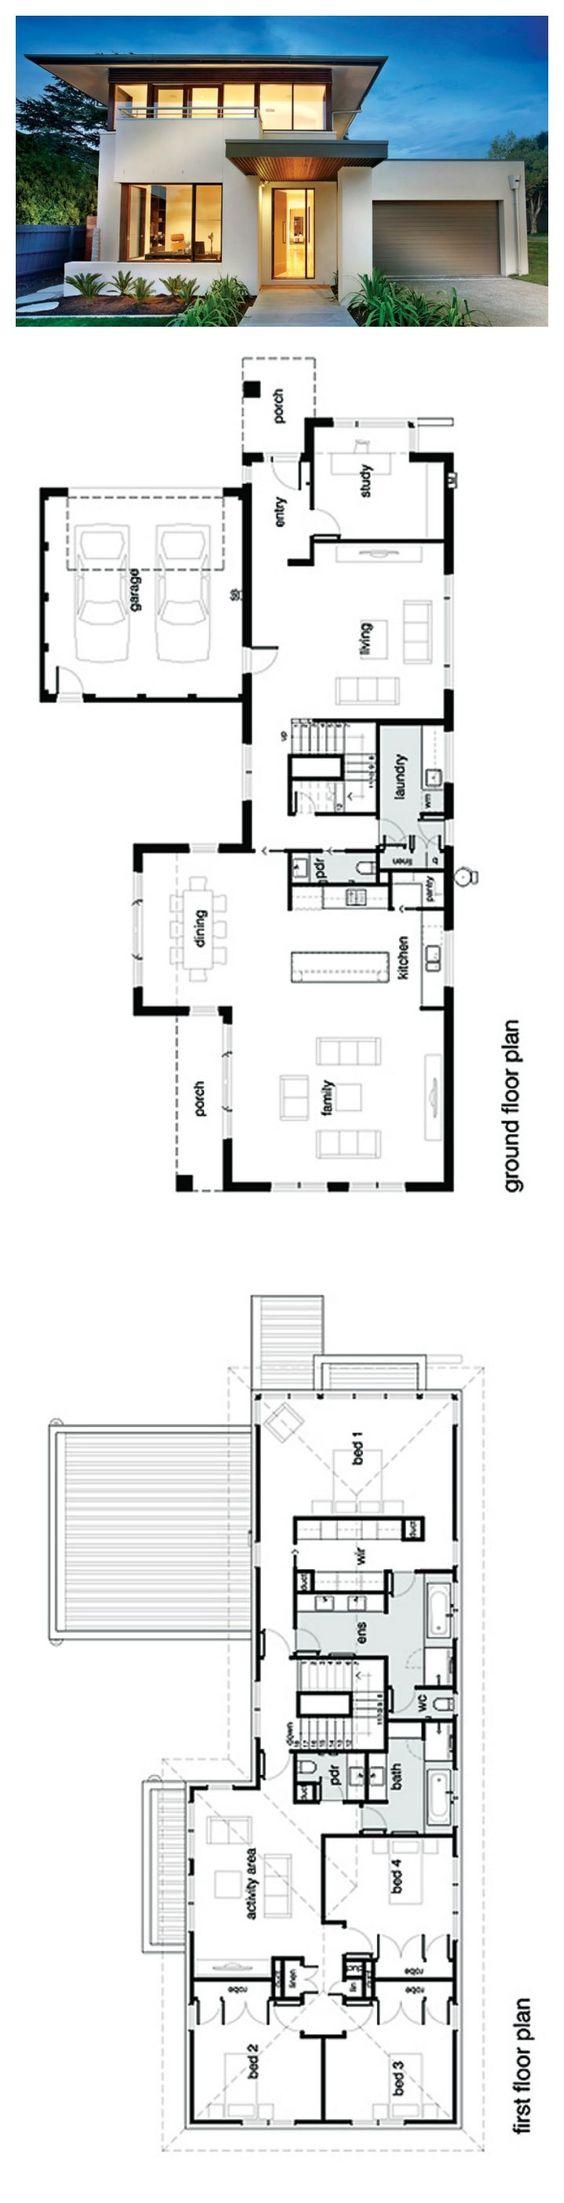 Plan #496-18; 3584 SF | 4 bed + study | 2.5 bath | 2 car | 2 story.